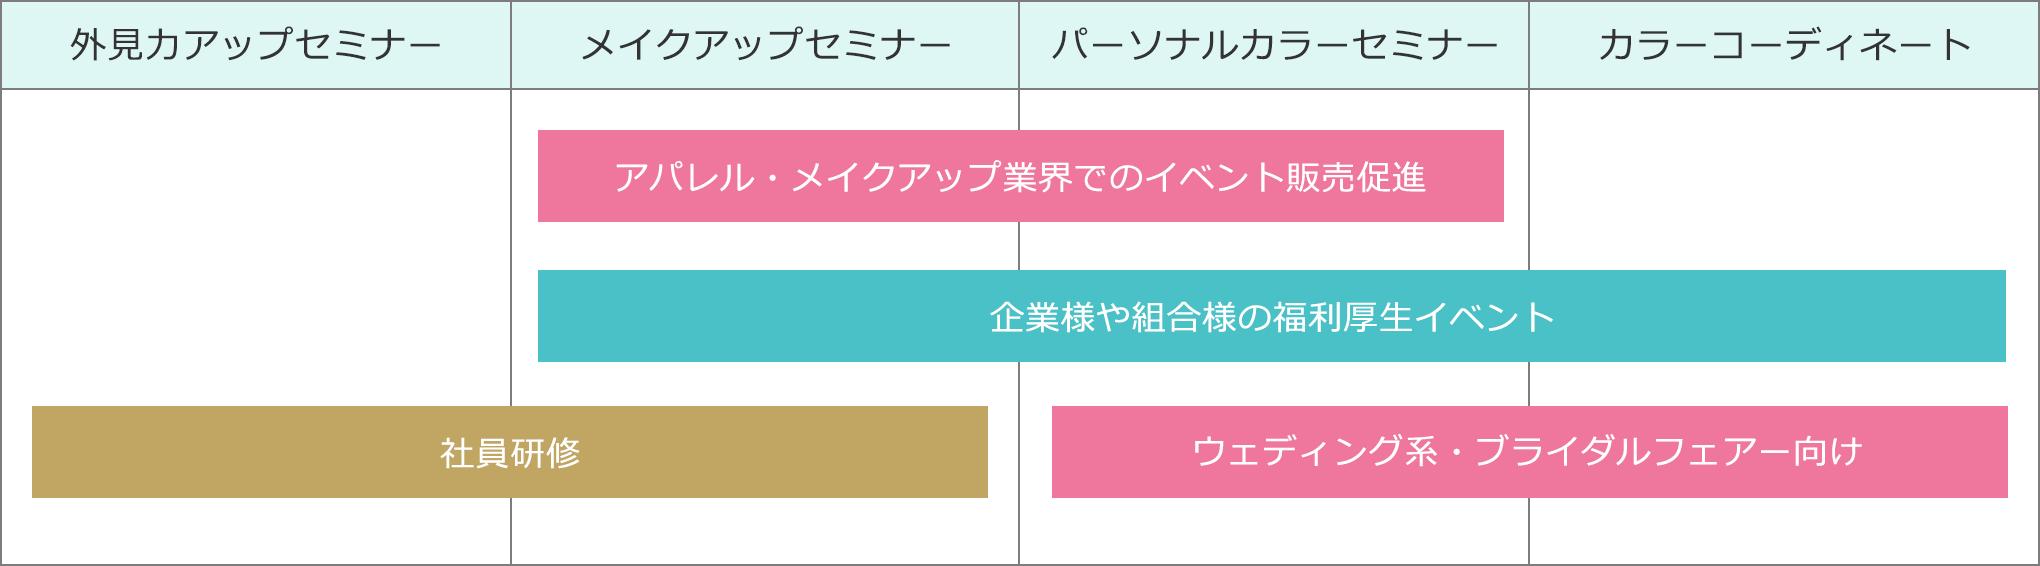 セミナープログラム例